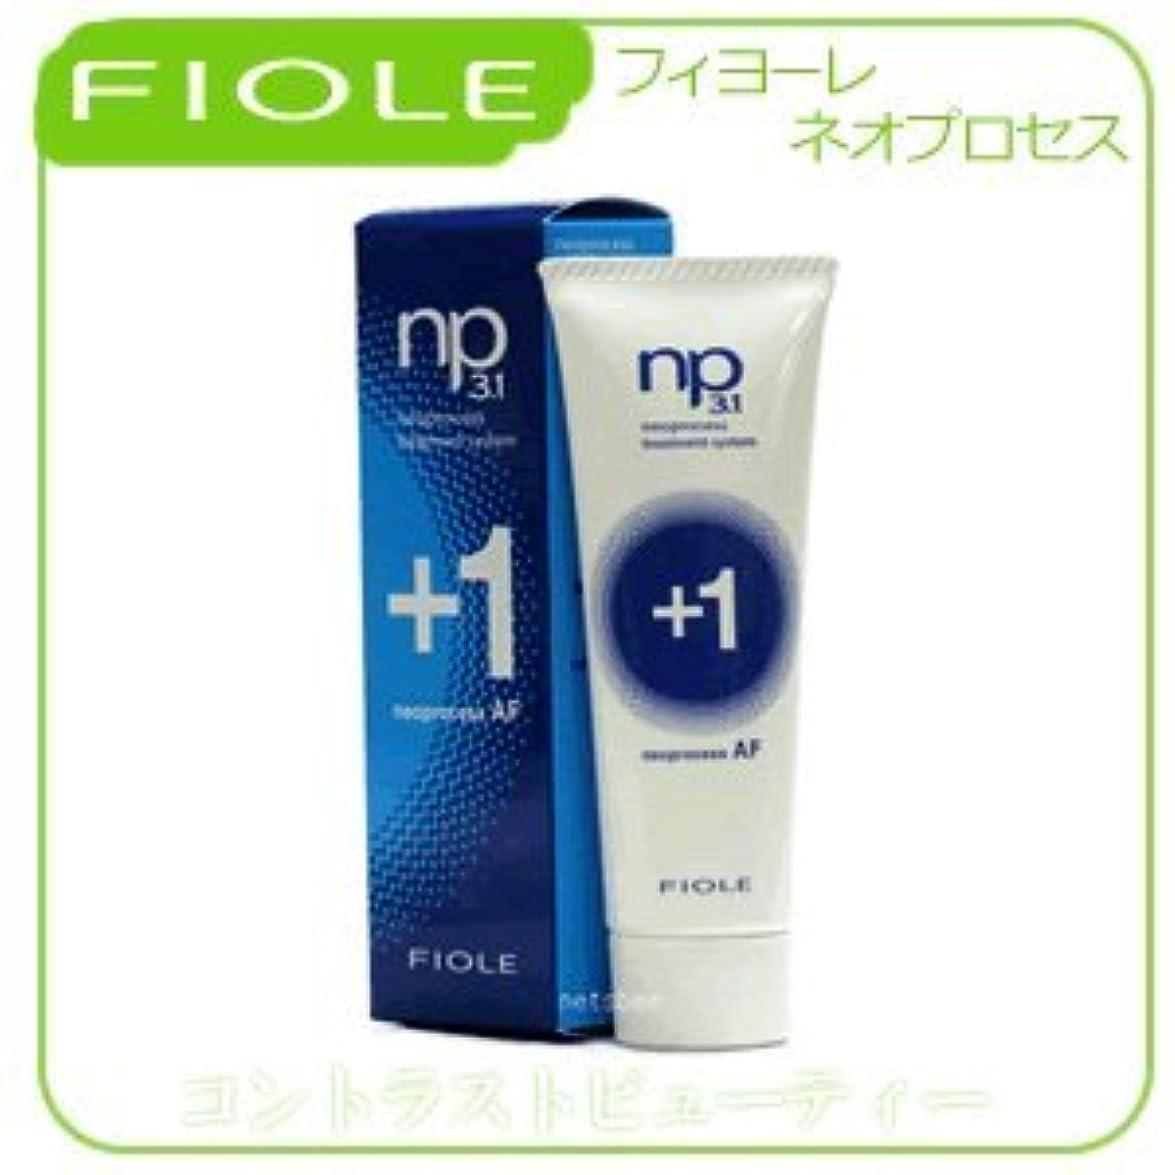 ブランド名プロフェッショナルショット【X2個セット】 フィヨーレ NP3.1 ネオプロセス AFプラス1 240g FIOLE ネオプロセス